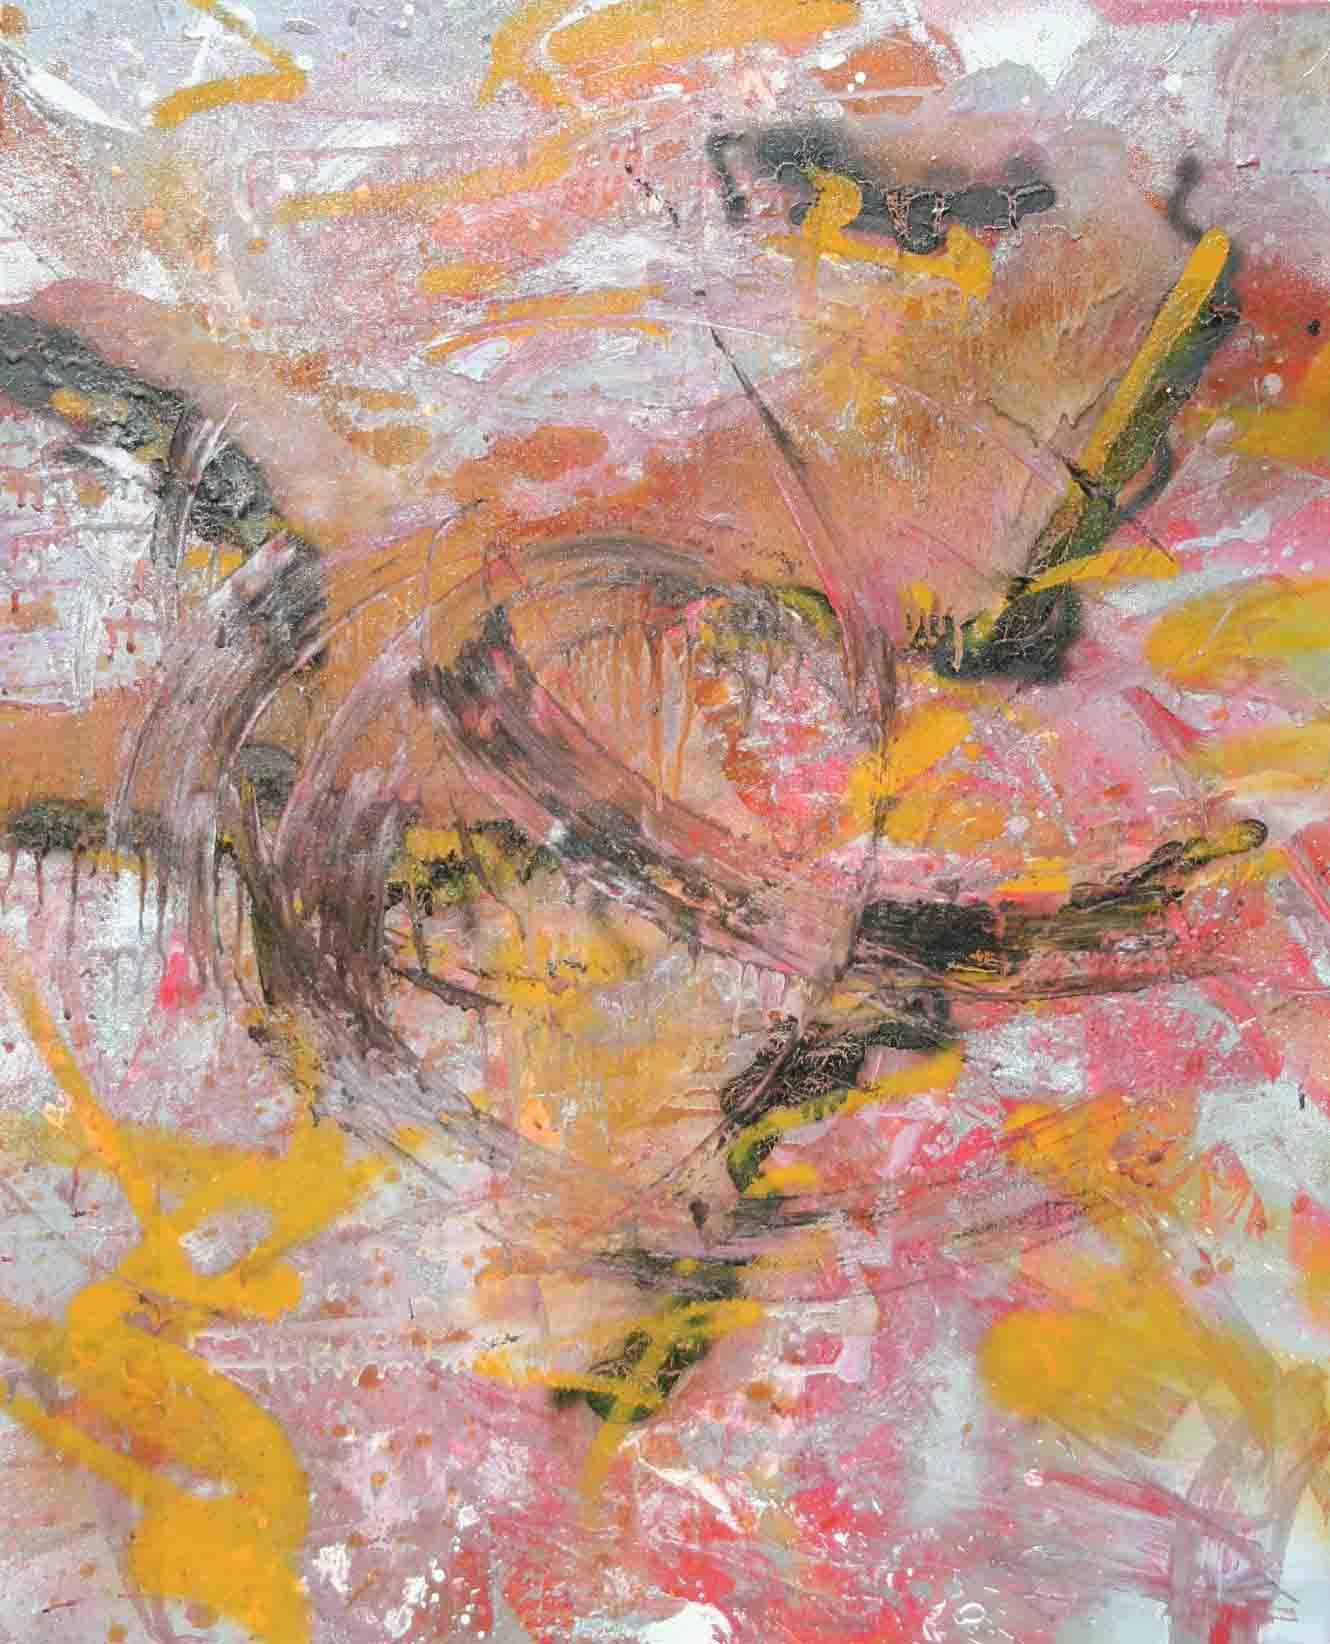 tableau abstrait en jaune, en argent et en rouge